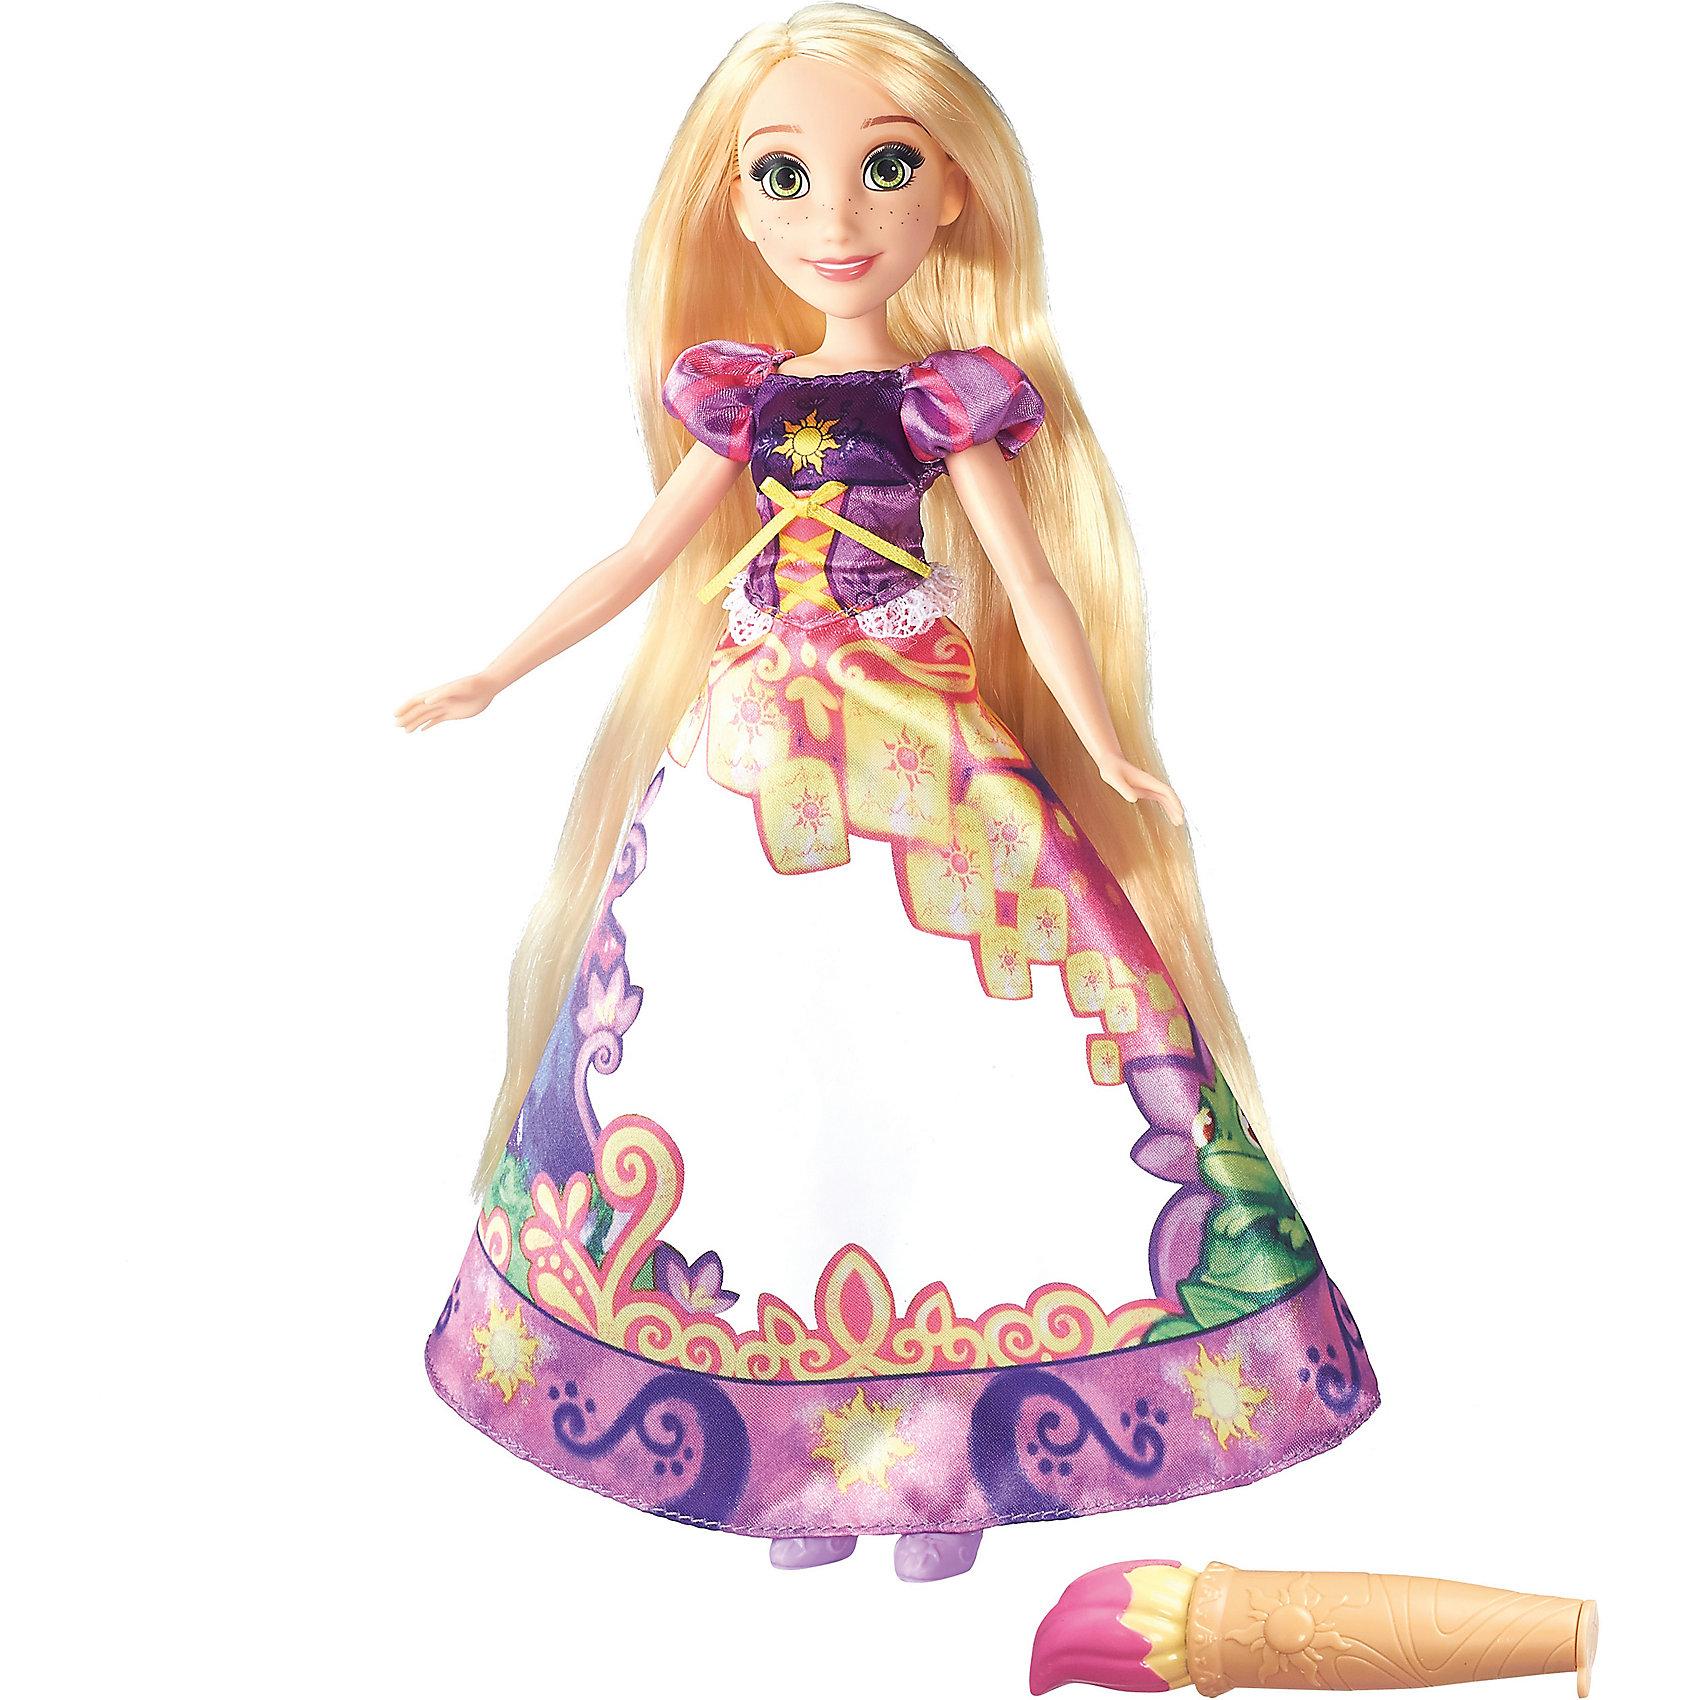 Модная кукла Рапунцель в юбке с проявляющимся принтом, Принцессы ДиснейИгрушки<br>Модная кукла Принцесса в юбке с проявляющимся принтом, Принцессы Дисней (Disney Princess), станет прекрасным подарком для всех маленьких поклонниц диснеевских сказок. В комплект входит кукла в удивительной юбке с проявляющимися принтом и сосуд для воды. В ассортименте представлены 3 куклы: Рапунцель, Золушка и Мерида. Каждая принцесса одета в роскошное бальное платье, большую часть которого занимает белая область. Намочив юбку с помощью специальной емкости для воды, Вы увидите, как на ней проявляется красивый рисунок с эпизодом из сказочной истории героини. Когда юбка высохнет, узор вновь пропадет. Емкость для воды выполнена в форме характерных аксессуаров героинь - волшебная палочка у Золушки, у Рапунцель - волшебная кисть, а у Мериды - волшебный флакон.  <br><br> Дополнительная информация: <br><br> - В комплекте: кукла, емкость для воды. <br> - Материал: пластик, текстиль.<br> - Высота куклы: 28 см. <br> - Размер упаковки: 20,3 x 6,4 x 32,4 см.<br> - Вес: 0,301 кг.  <br><br>Модную куклу Принцесса в юбке с проявляющимся принтом, Принцессы Дисней (Disney Princess), можно купить в нашем интернет-магазине.<br><br>Ширина мм: 64<br>Глубина мм: 203<br>Высота мм: 324<br>Вес г: 301<br>Возраст от месяцев: 36<br>Возраст до месяцев: 144<br>Пол: Женский<br>Возраст: Детский<br>SKU: 4803325